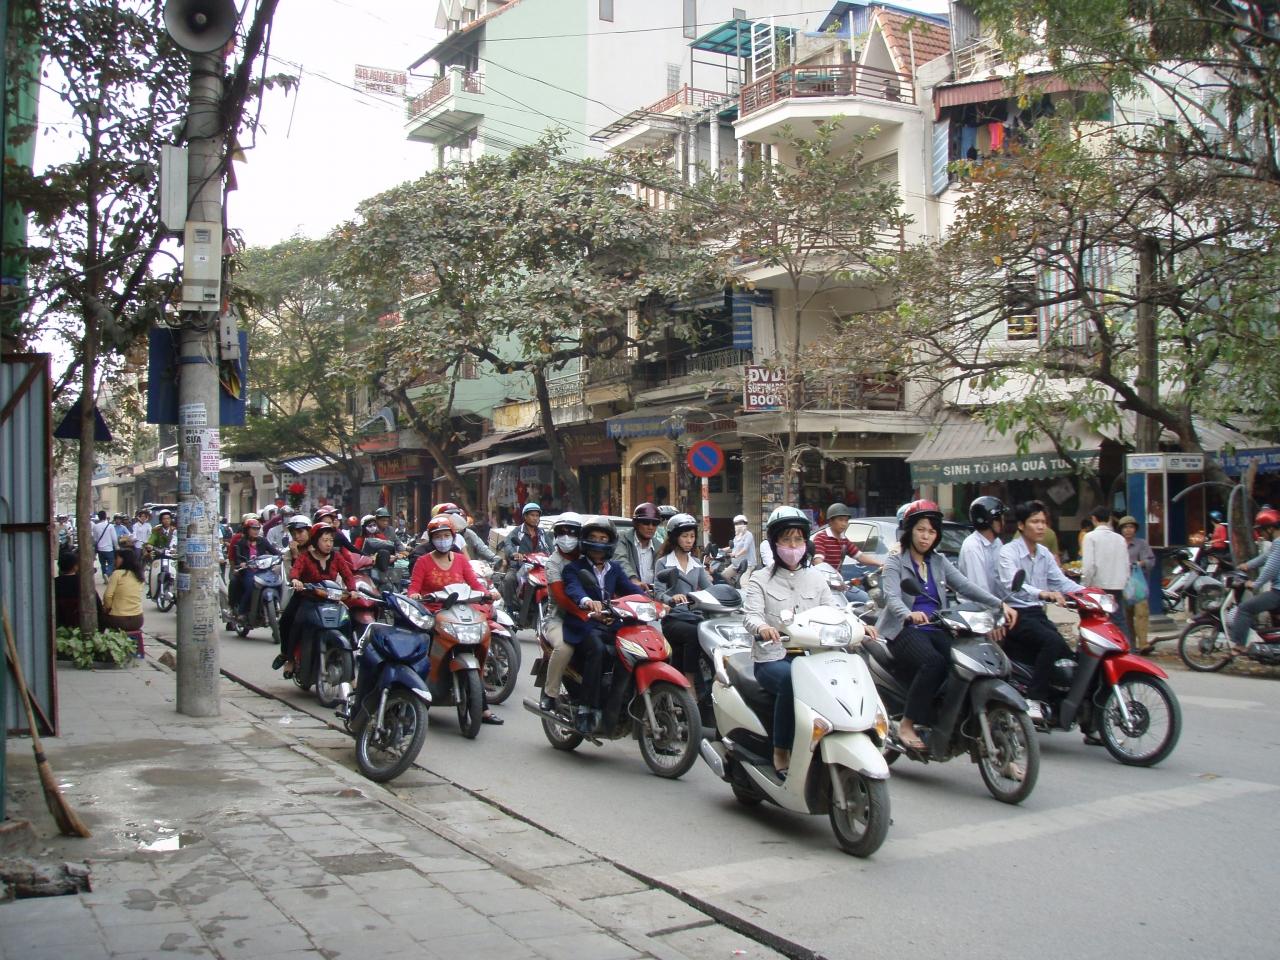 友達の住むベトナムハノイへ今年2回目の訪問です。\u003cbr /